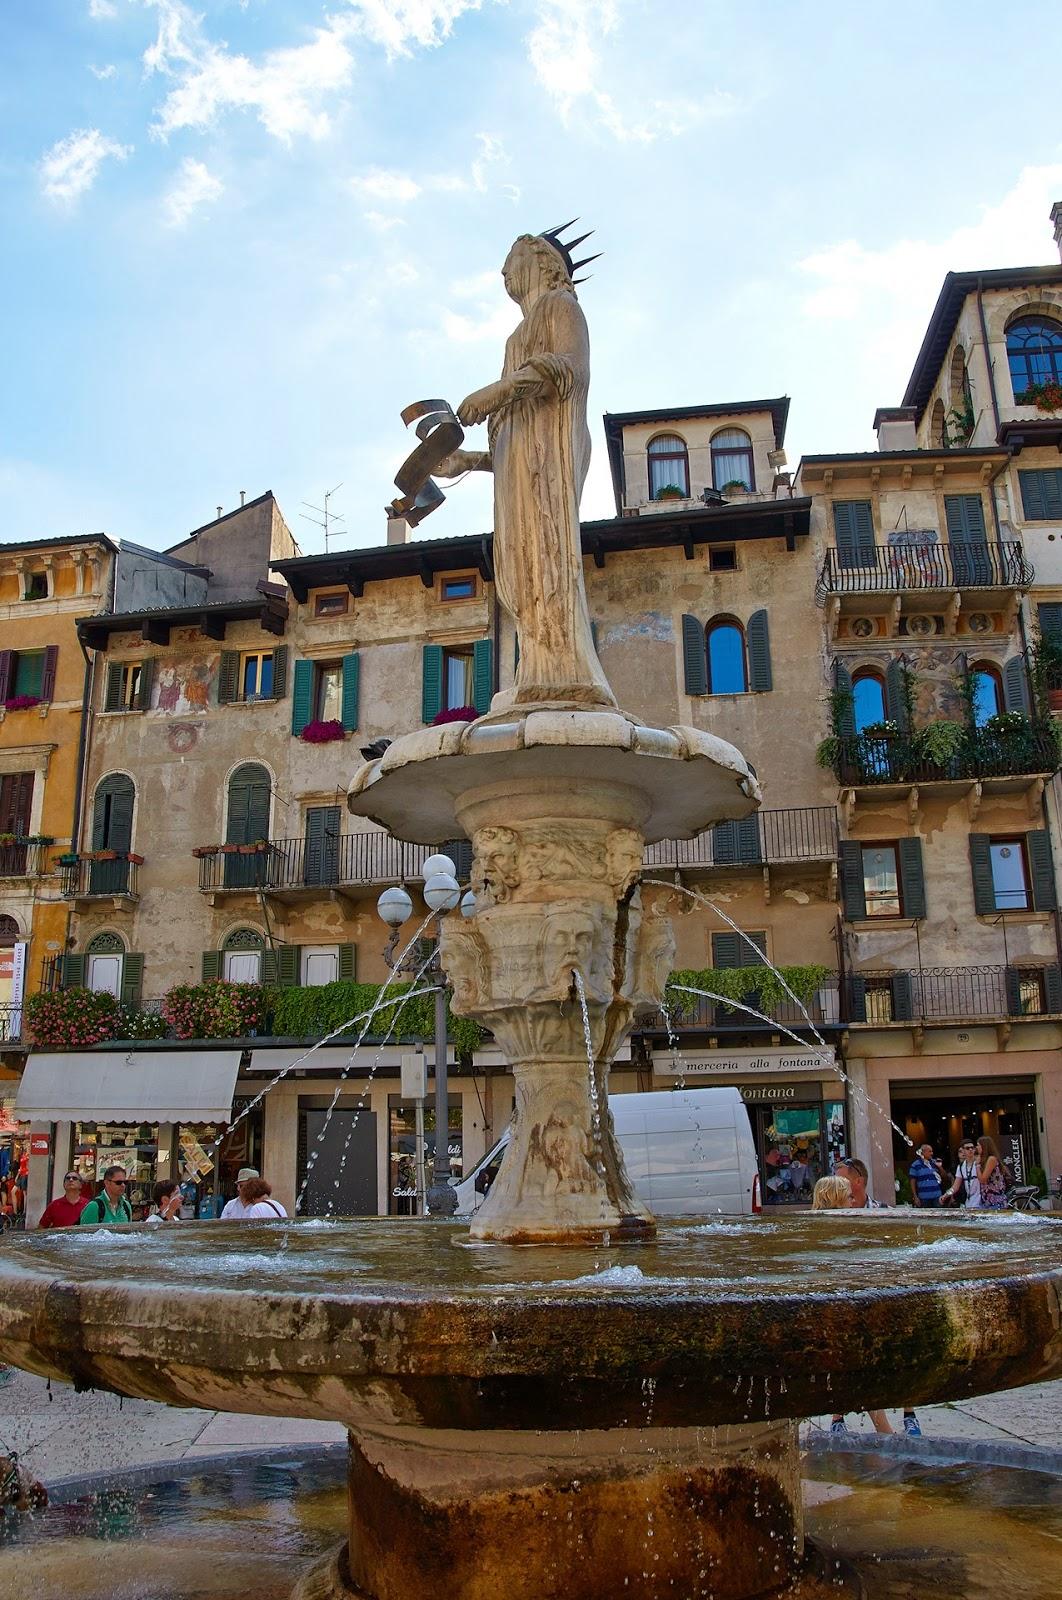 centrum Werony i fontanna, Włochy północne